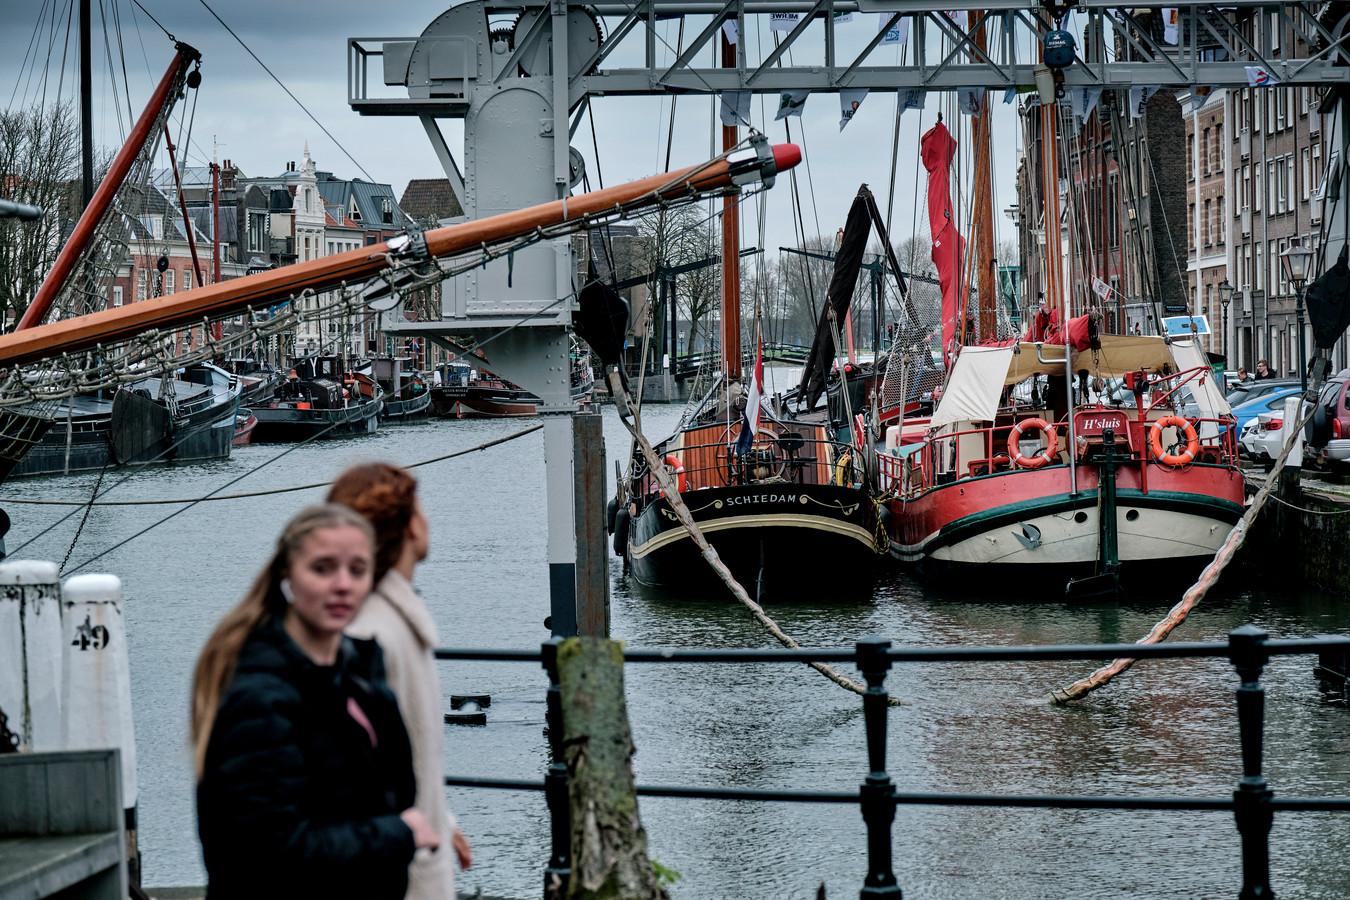 De historische zeilschepen in de Wolwevershaven.